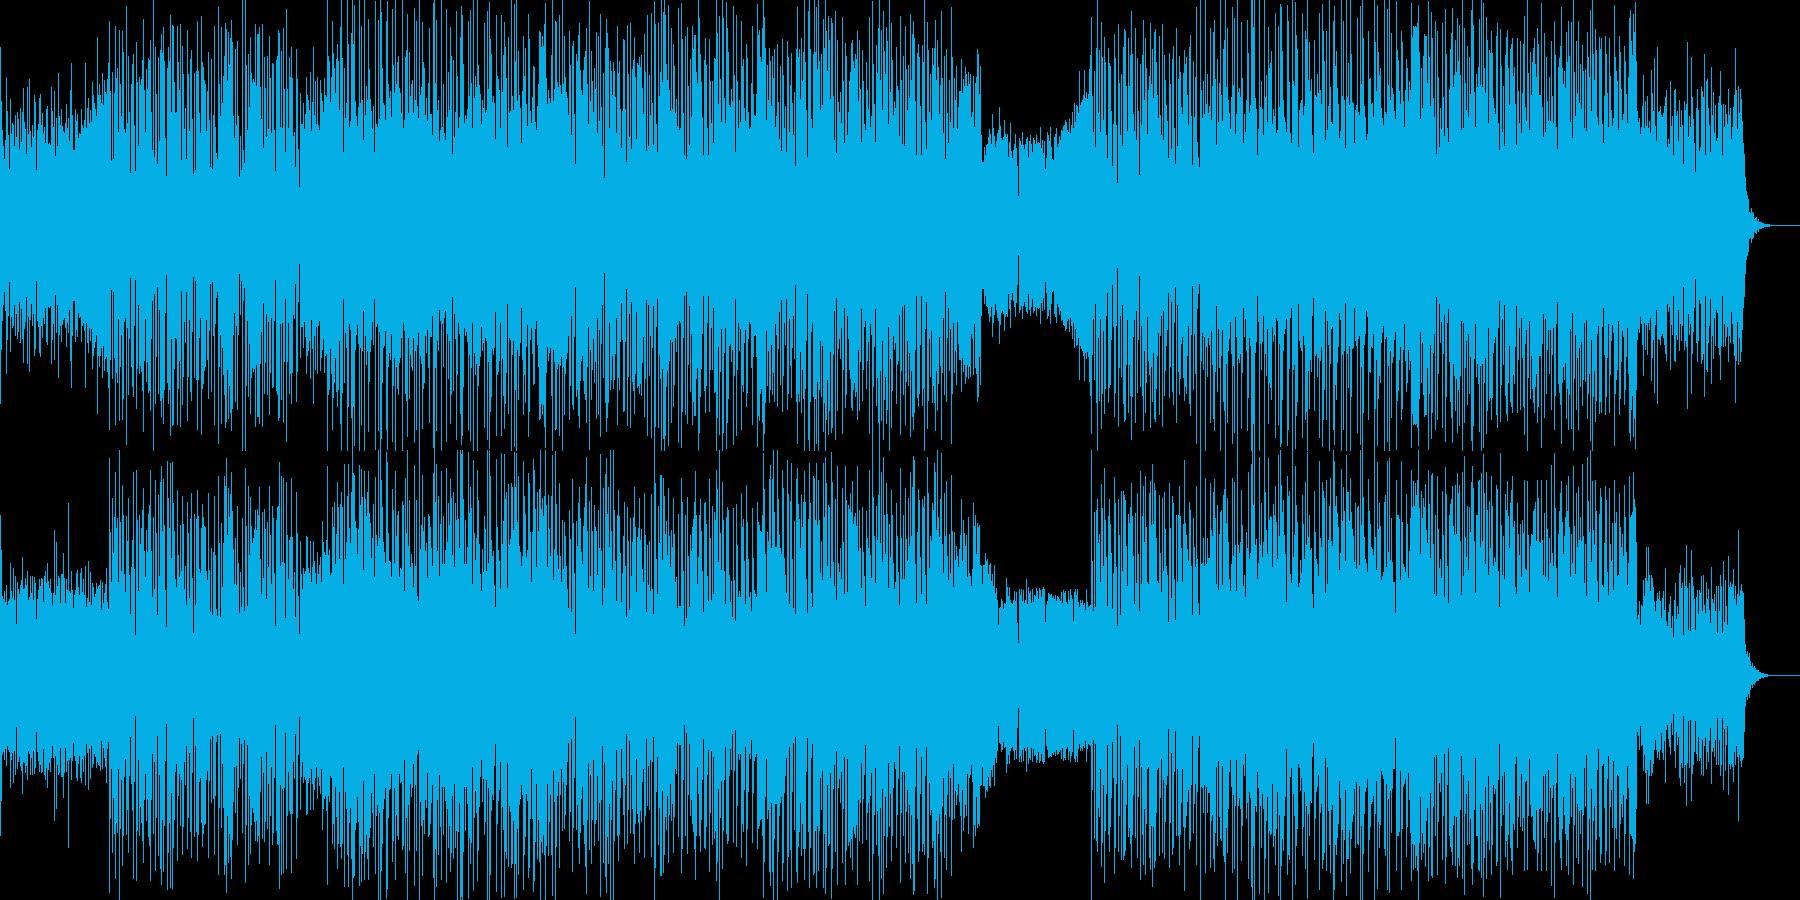 強烈なシーケンス音が爽やかな印象のテクノの再生済みの波形